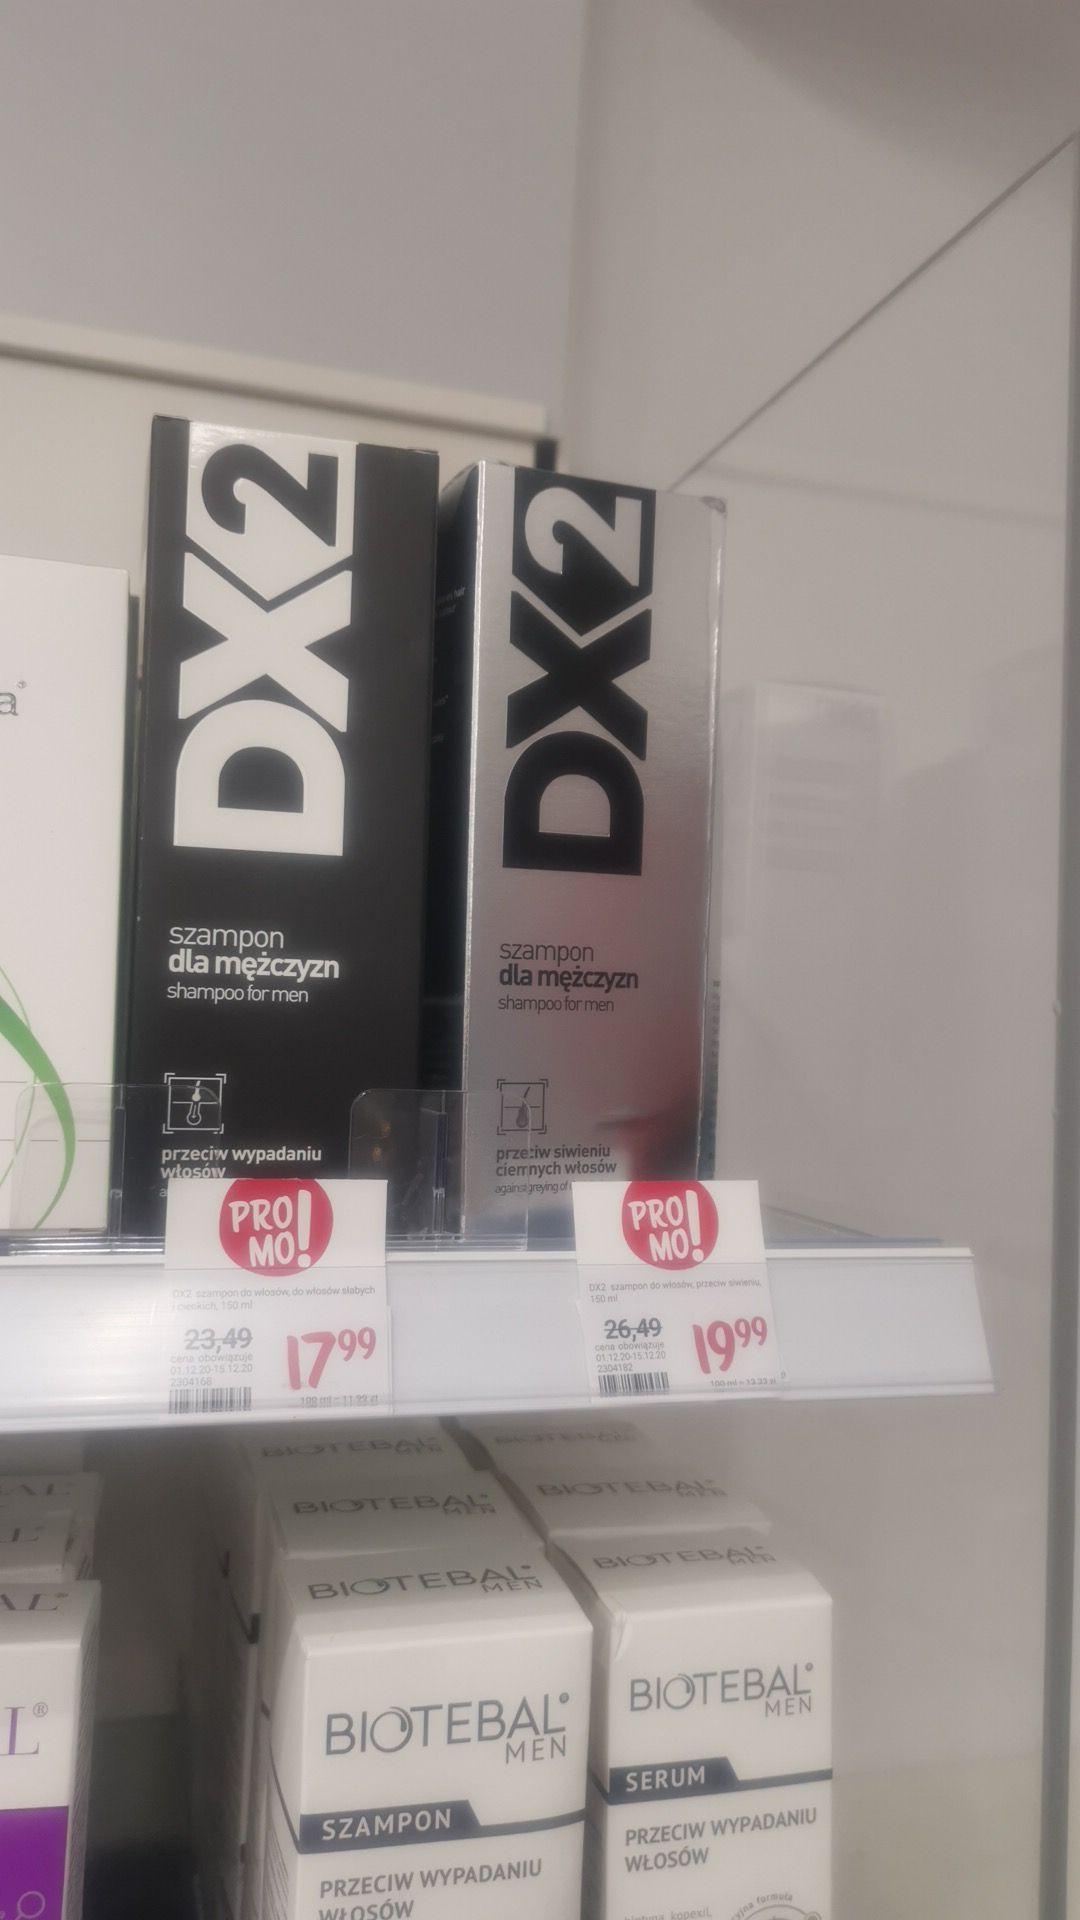 Szampon Dx2 przeciwłupieżowy 17,99 lub przeciw siwieniu włosów za 19,99 @ Rossman